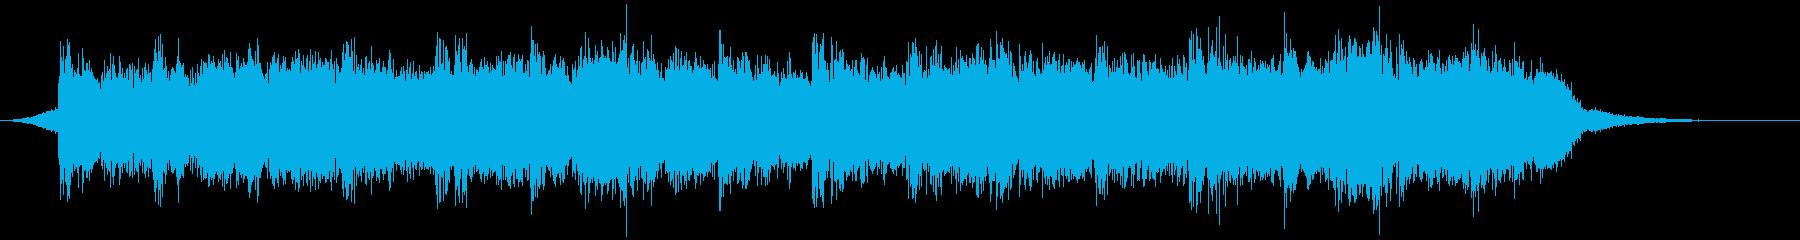 幻想的な映像、ピアノ、ポストクラシカル3の再生済みの波形